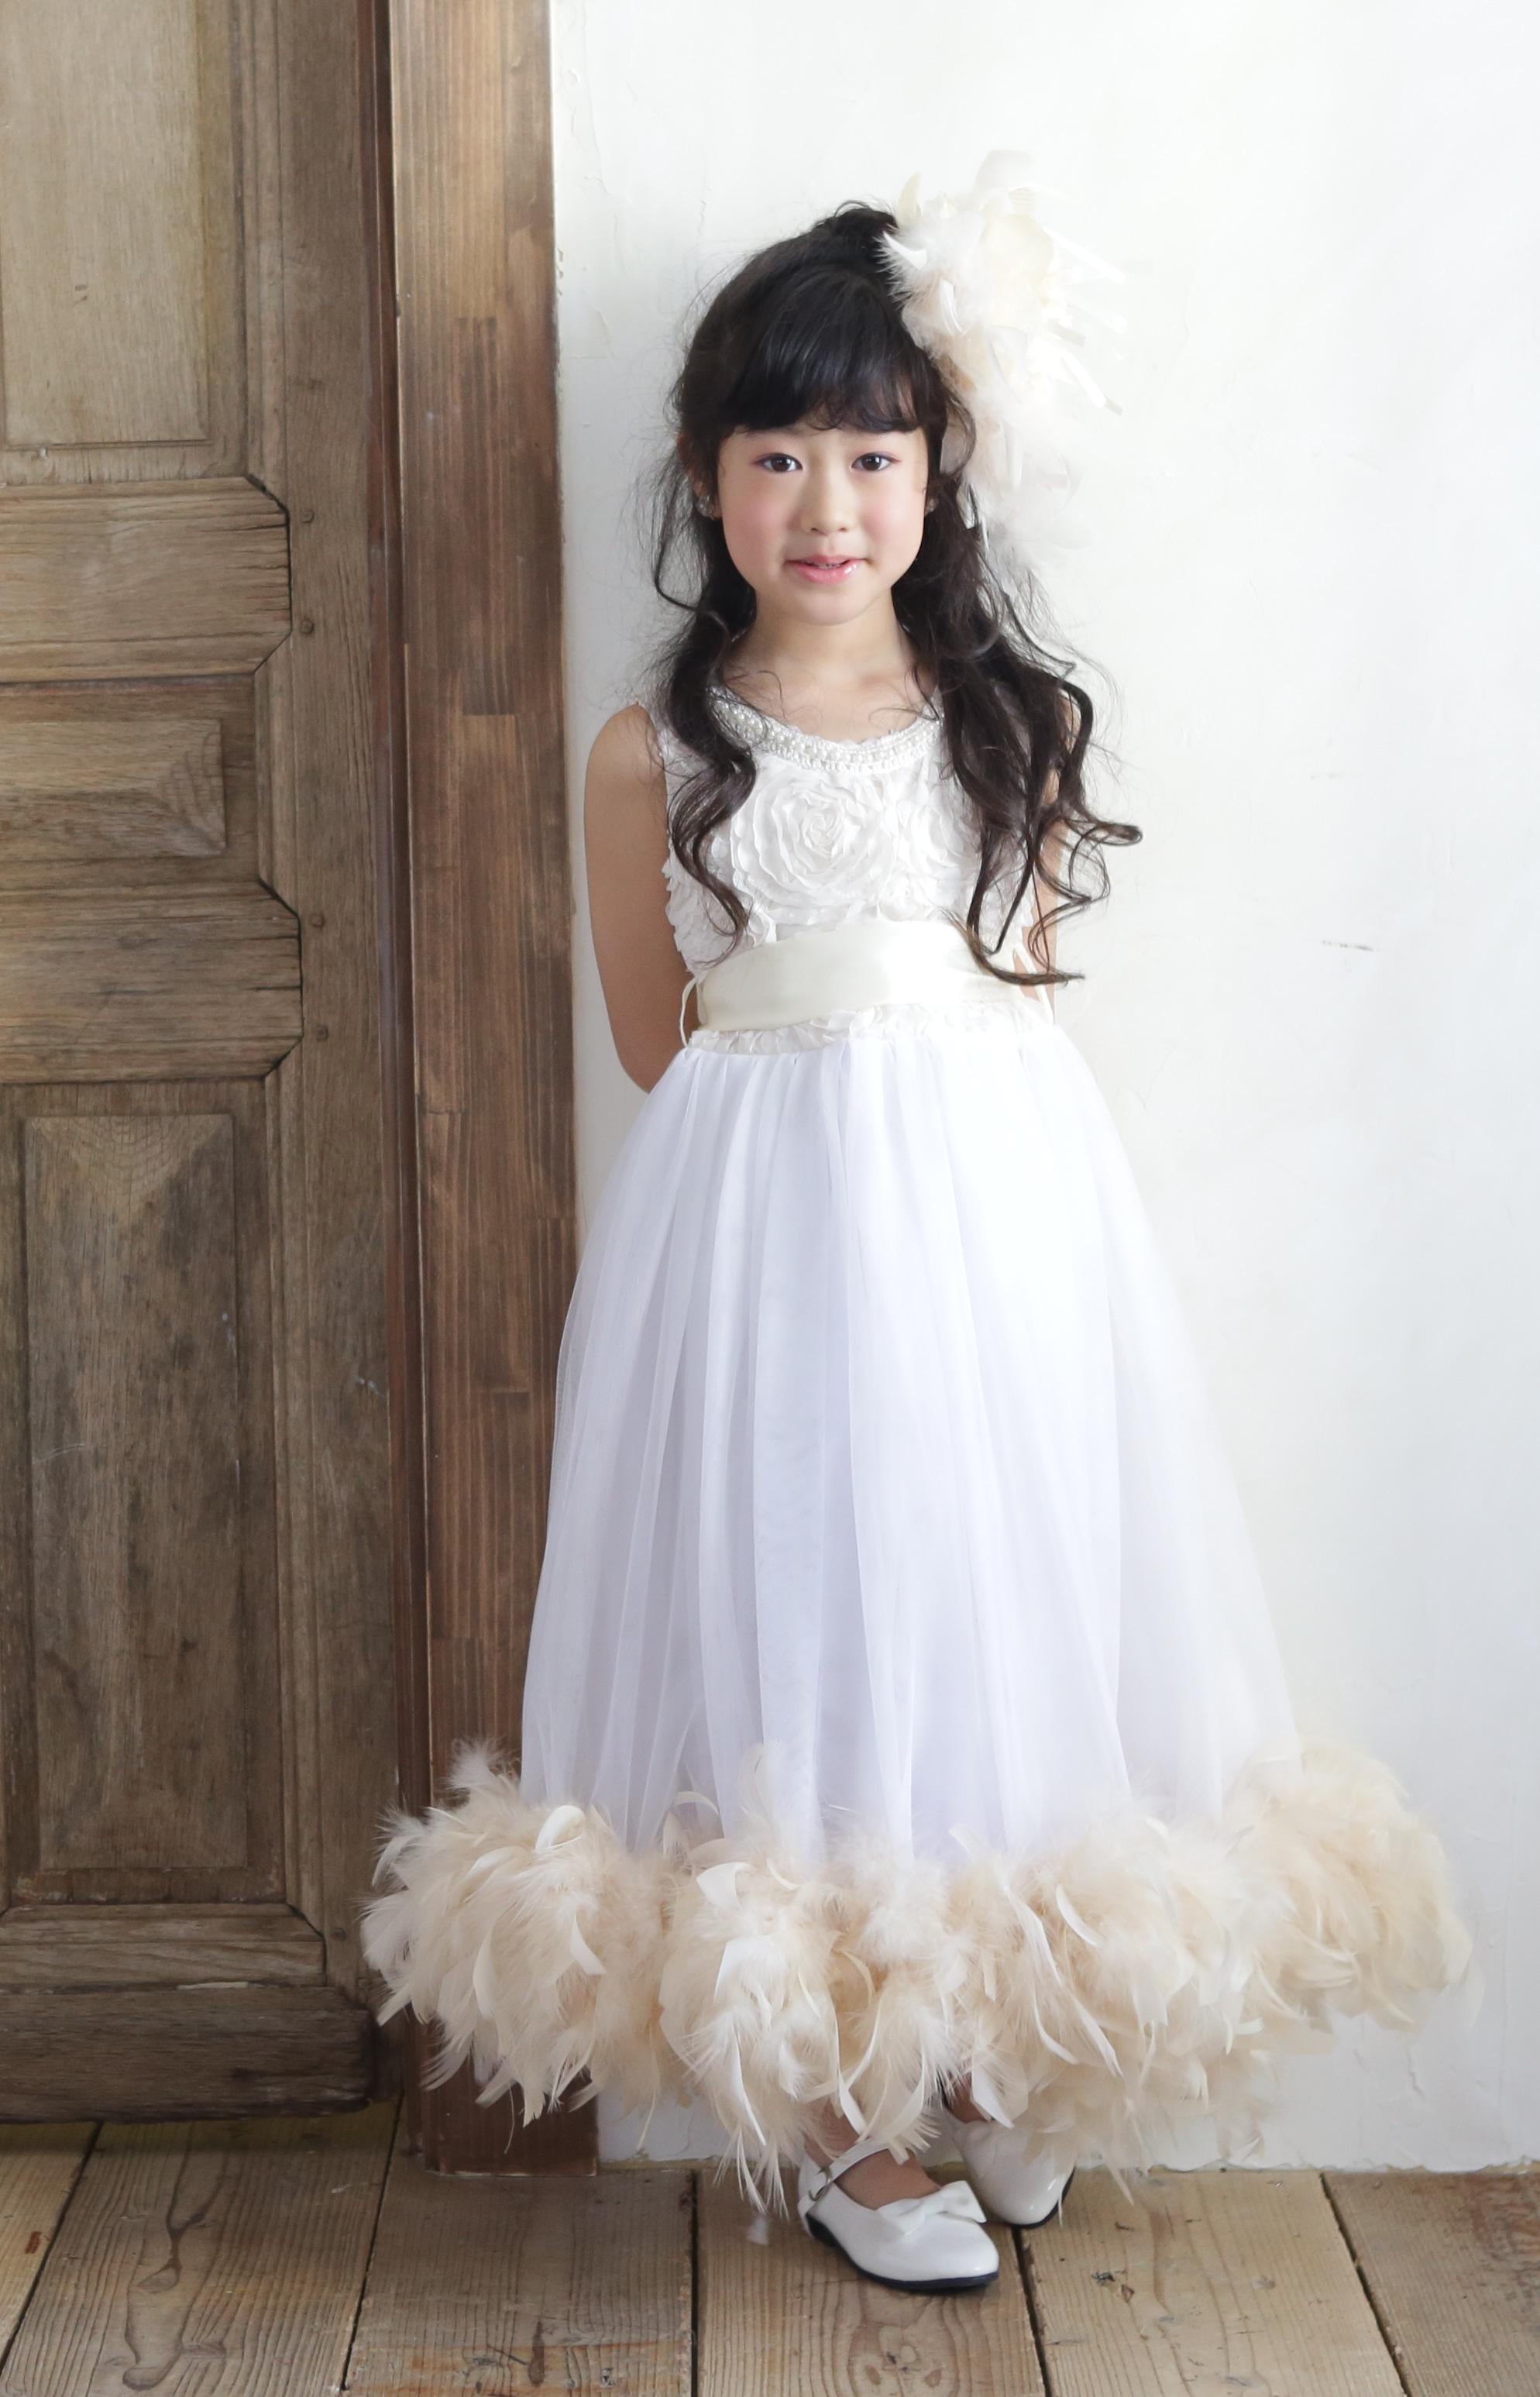 レンタルドレス「Mei」110-120サイズ ソフトアイボリーのフェザーラインドレス☆【2泊3日レンタル往復送料無料】